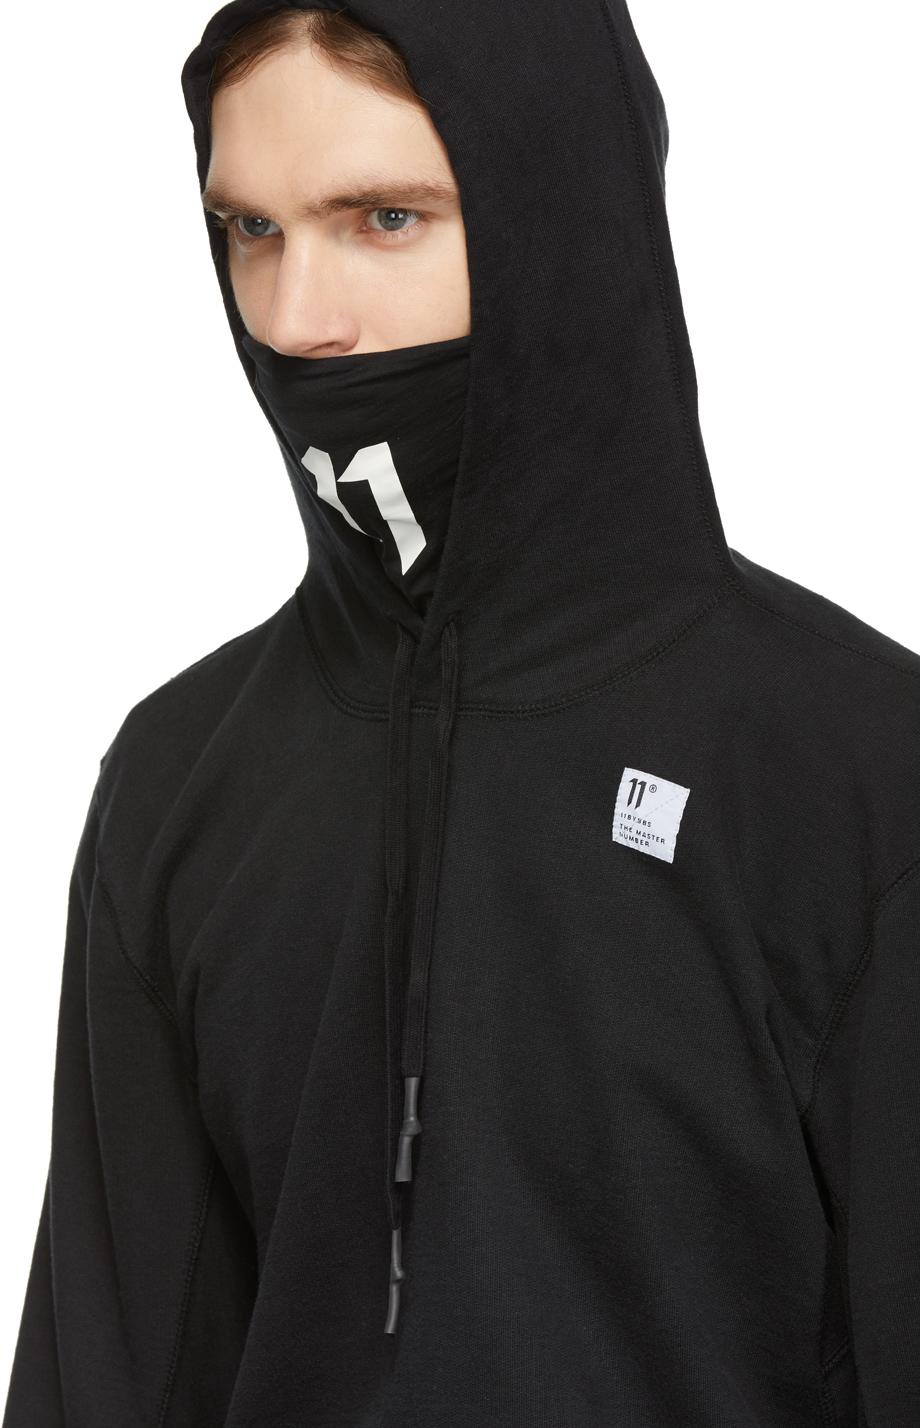 11 By Boris Bidjan Saberi Accessories Black Label Hoodie